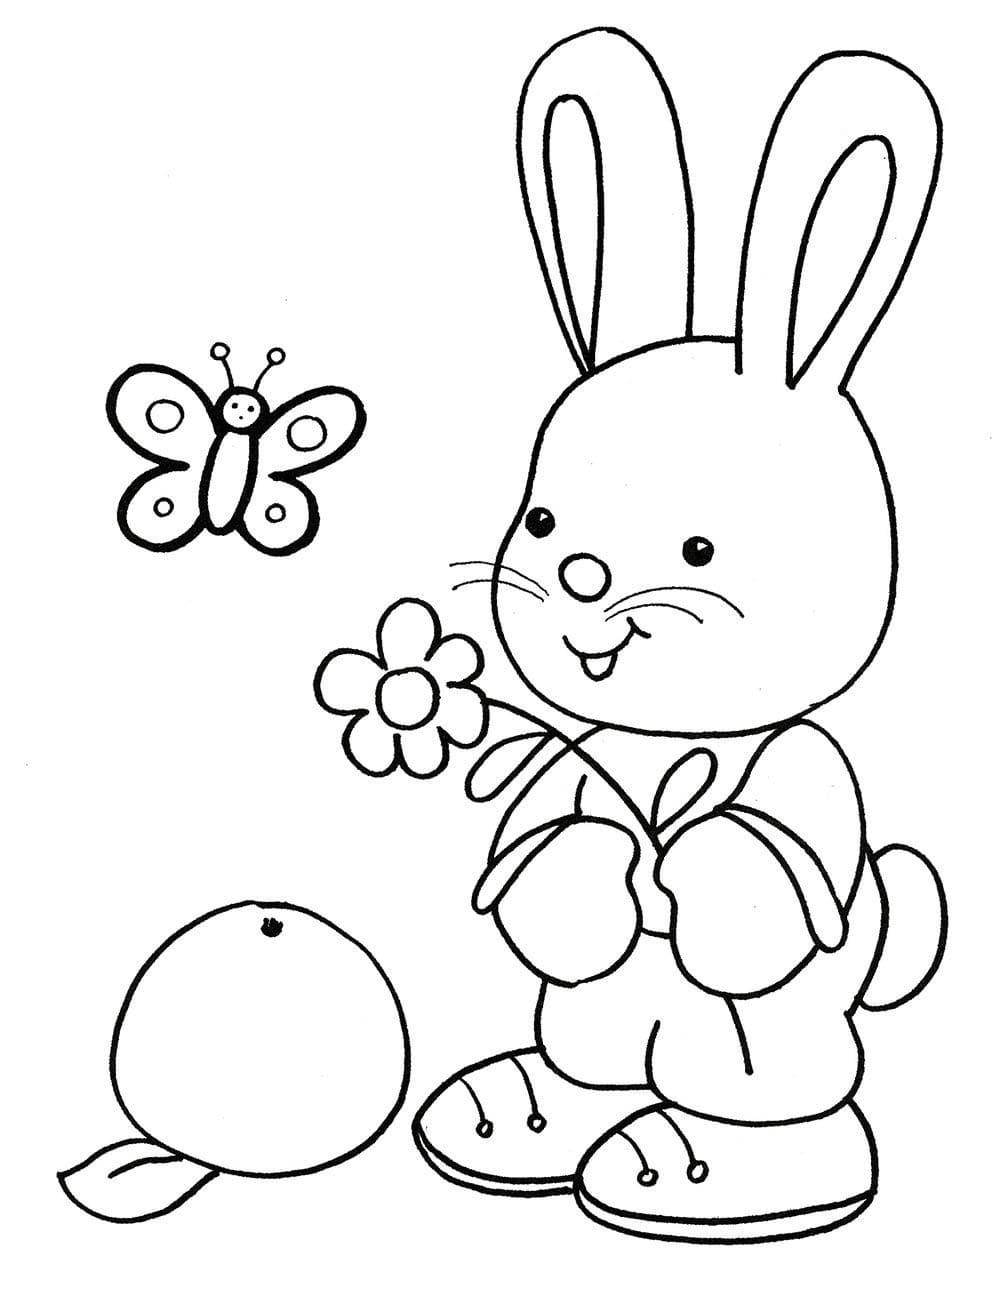 Легкая раскраска для девочки 4 лет, распечатать бесплатно